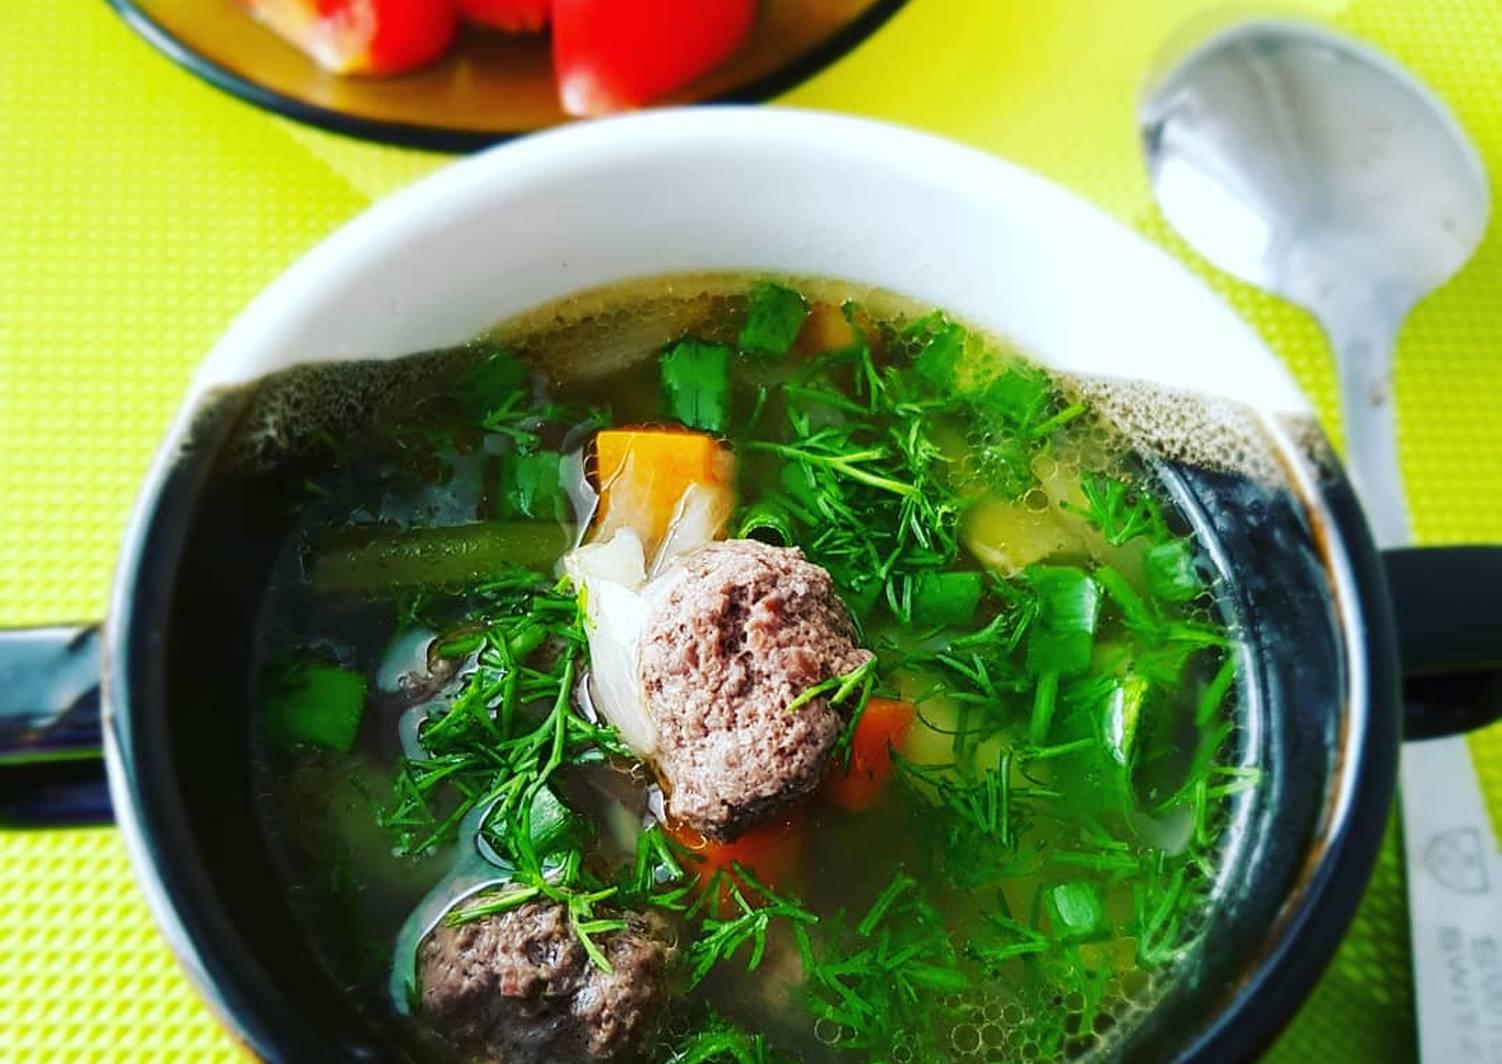 начиная этой суп из овощной смеси рецепт с фото картины холсте